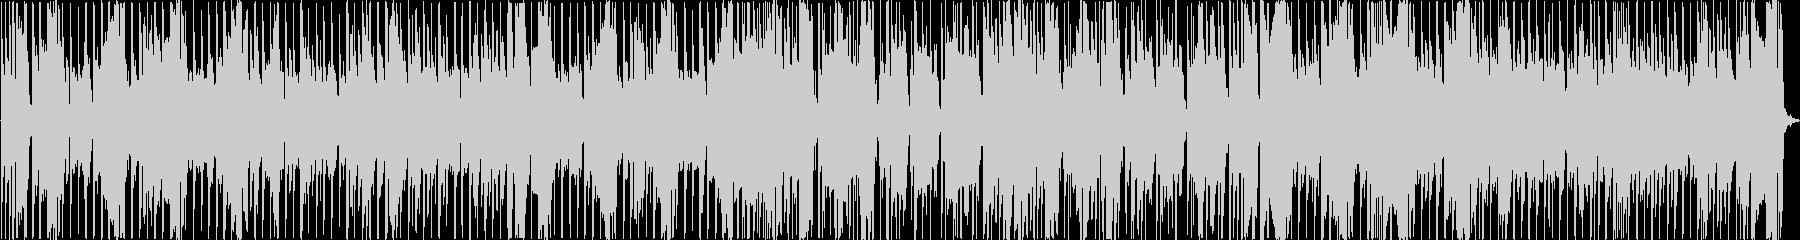 パワフルでスタイリッシュなディスコの未再生の波形